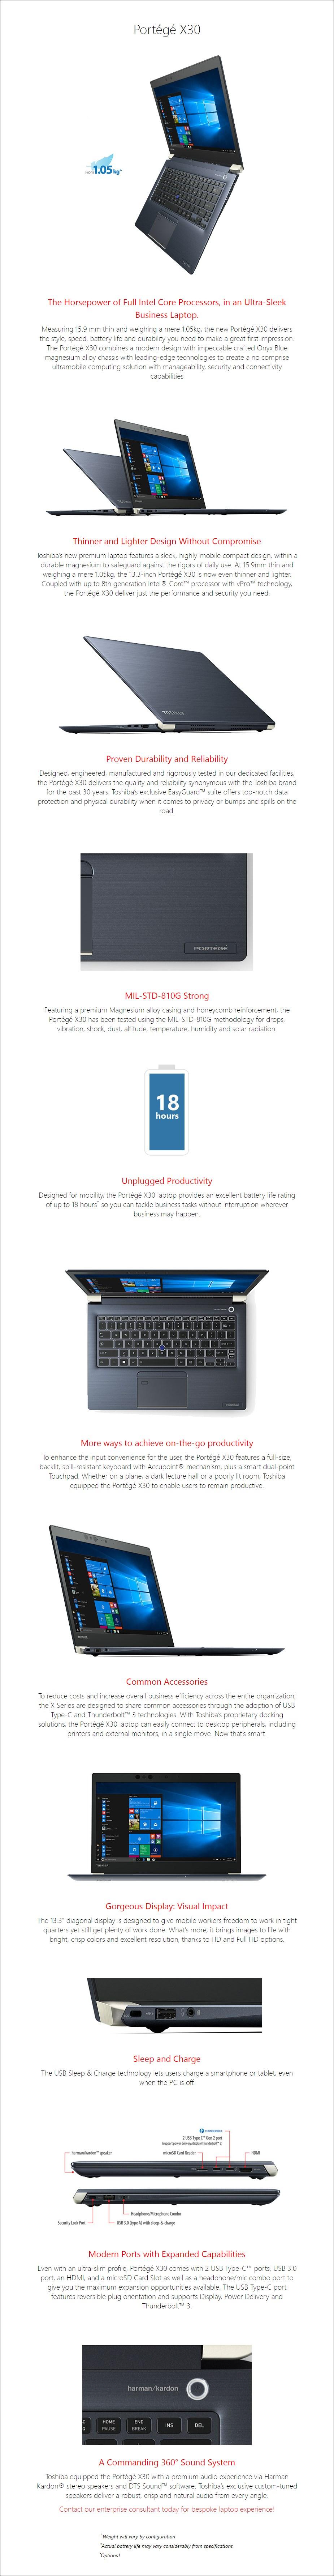 toshiba-portege-x30e-133-laptop-i58250u-8gb-256gb-w10p-ac26995-5-3-.jpg